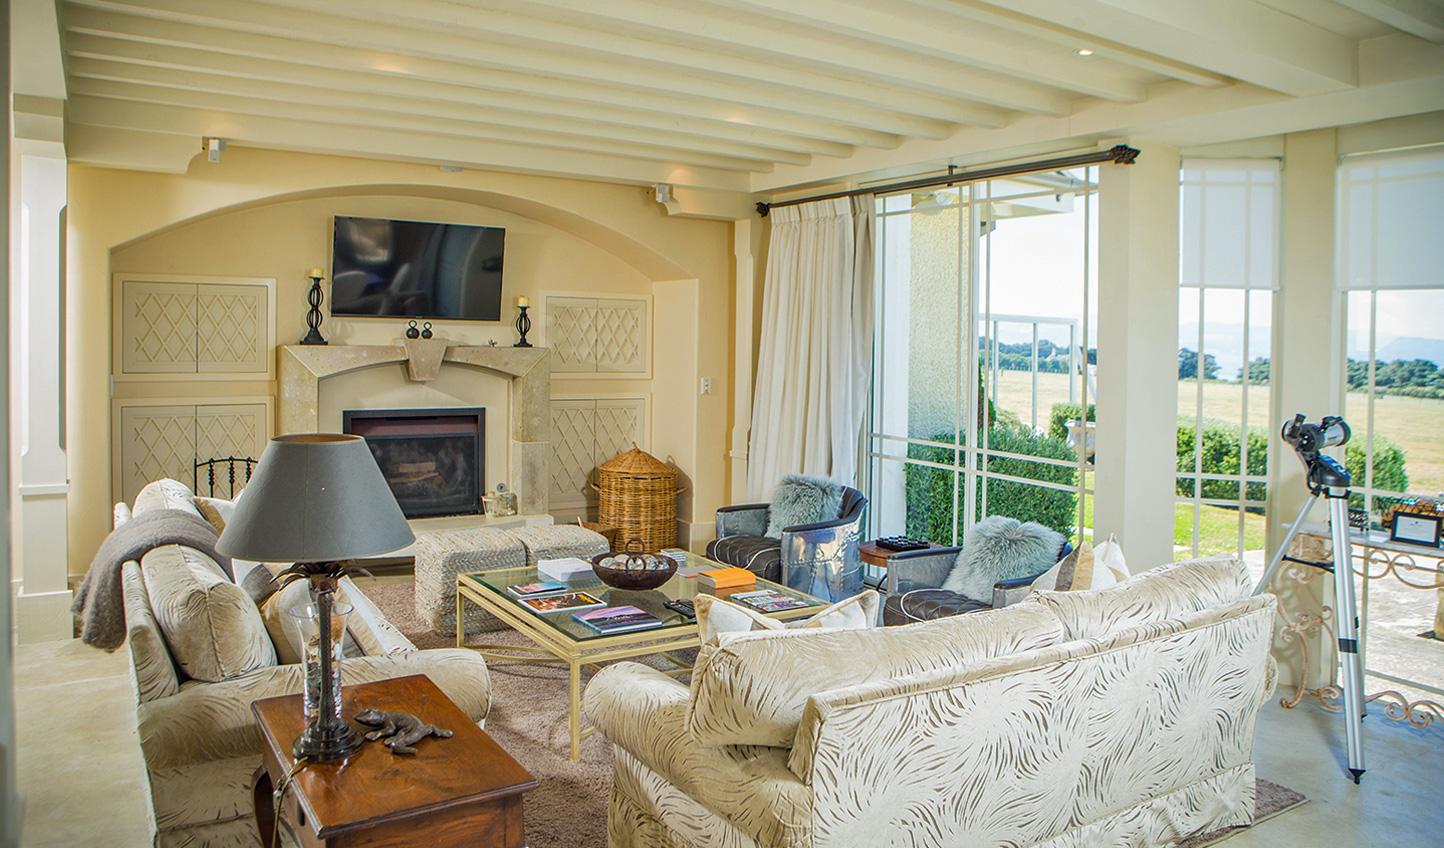 The warm cosy atmopshere throughout makes Wharekauhau Lodge feel like a home away from home